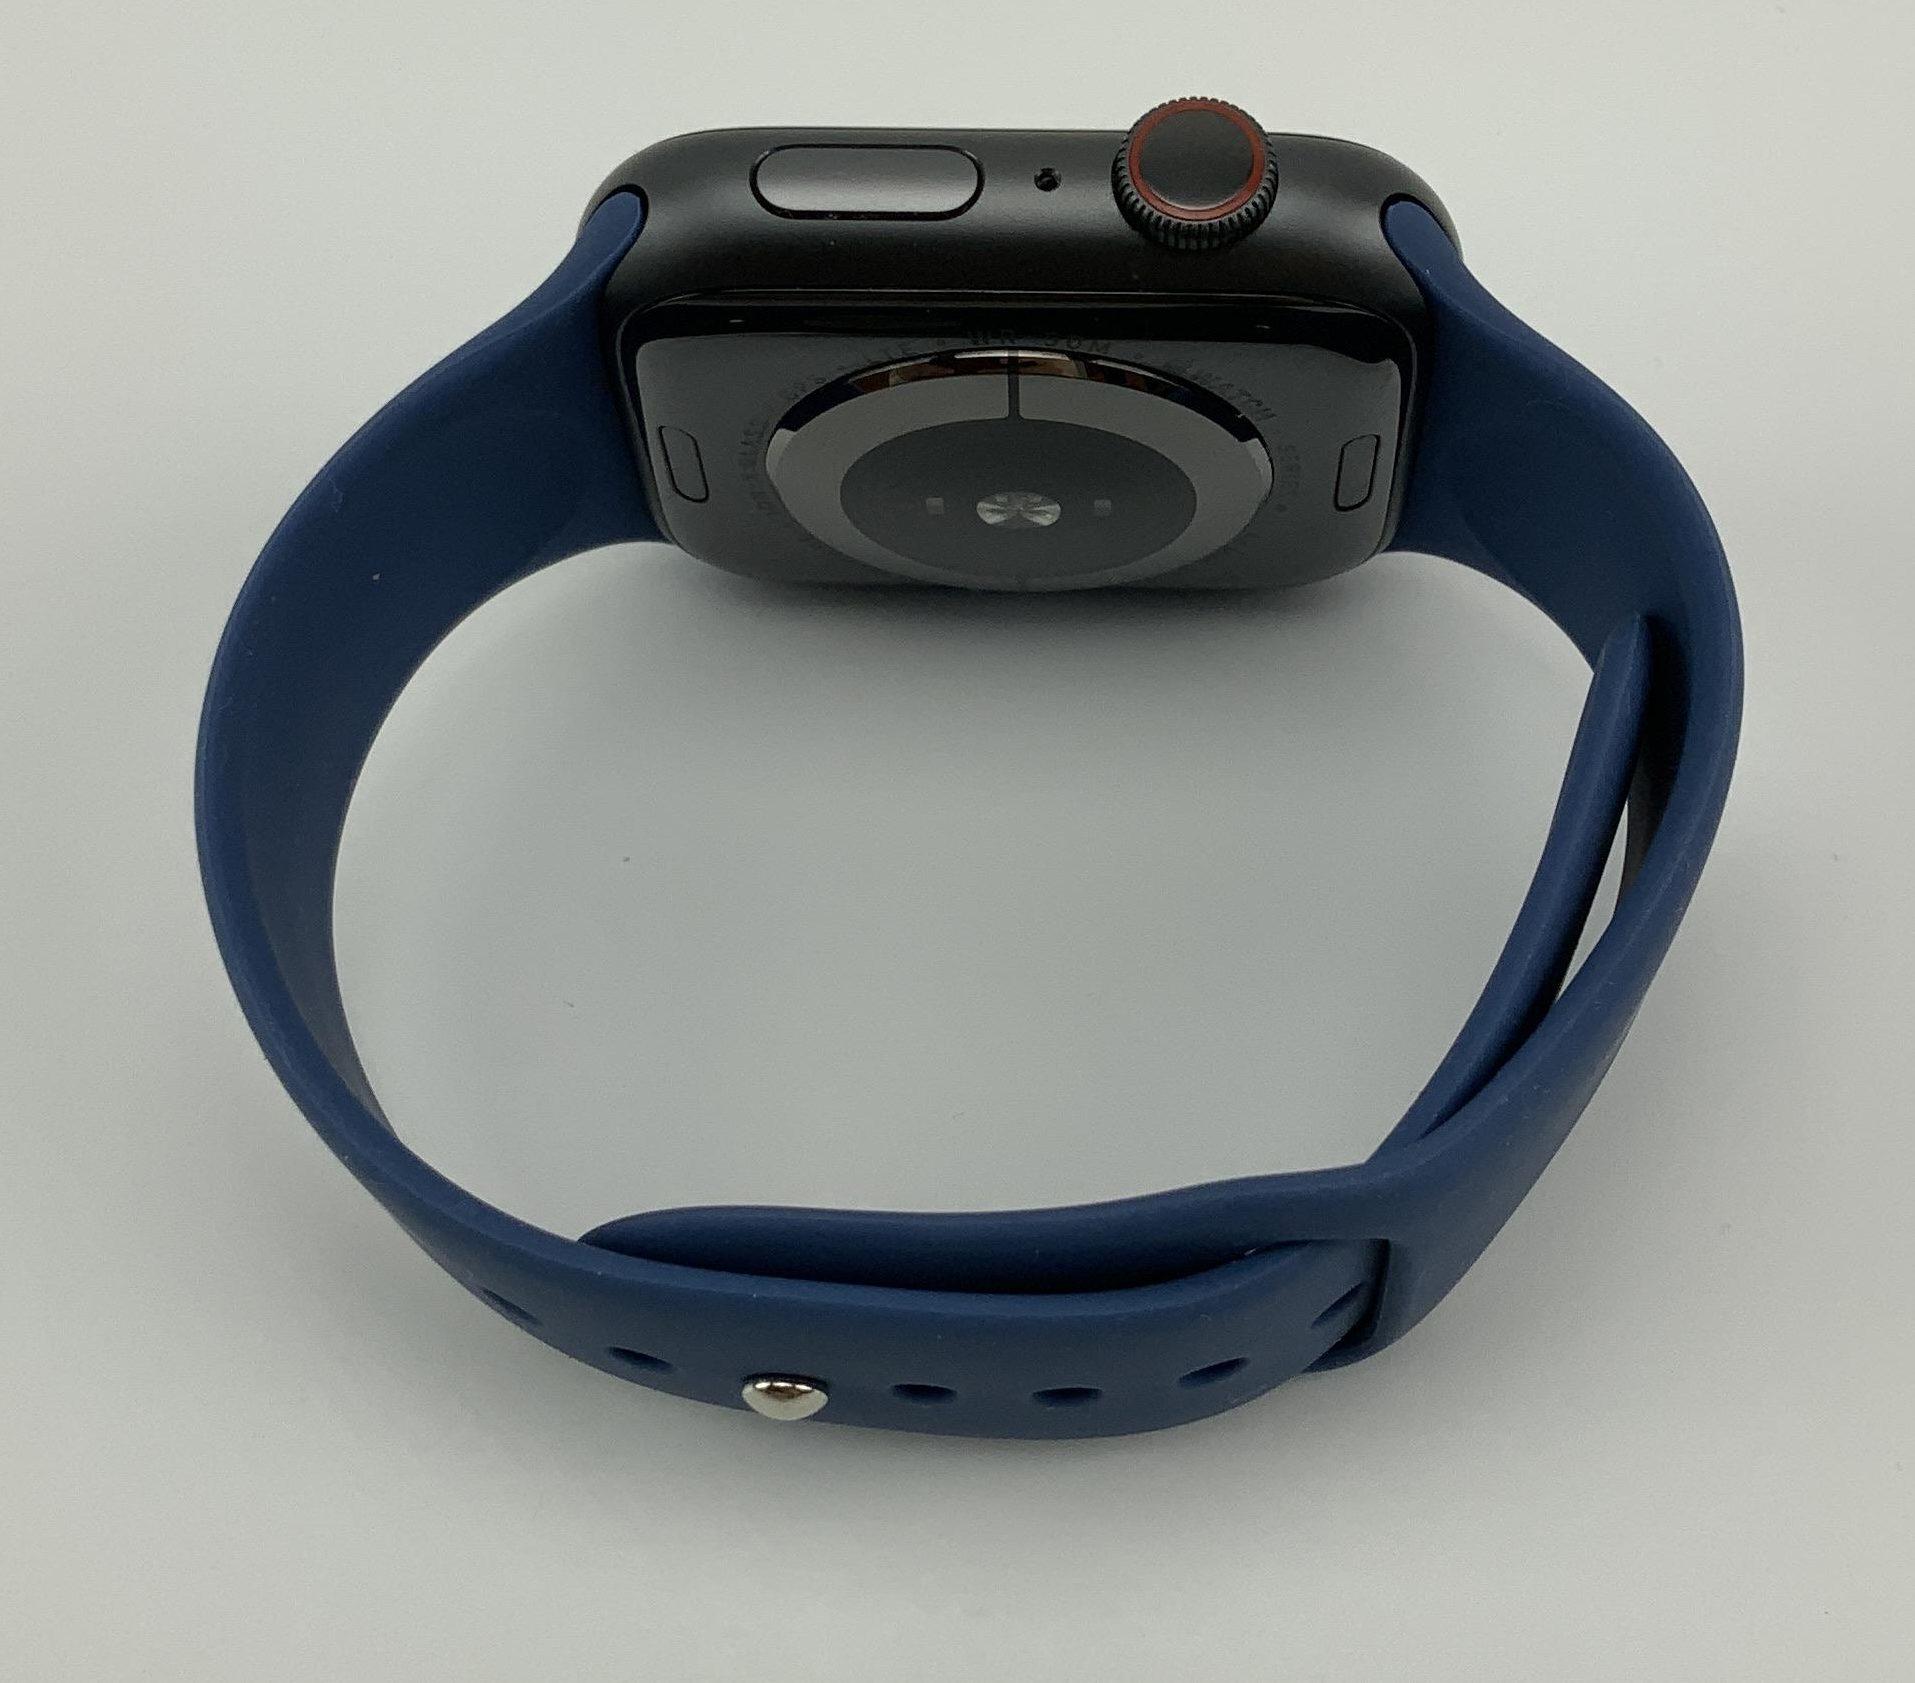 Watch Series 4 Aluminum Cellular (44mm), Space Gray, Deep Navy Sport Band, Bild 2